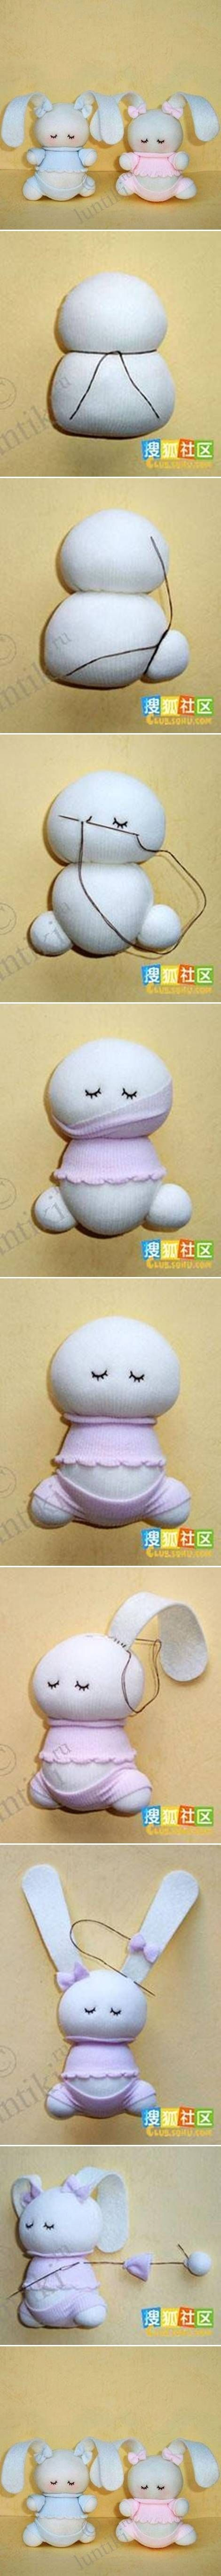 DIY Cute Sock Bunny Tutorial